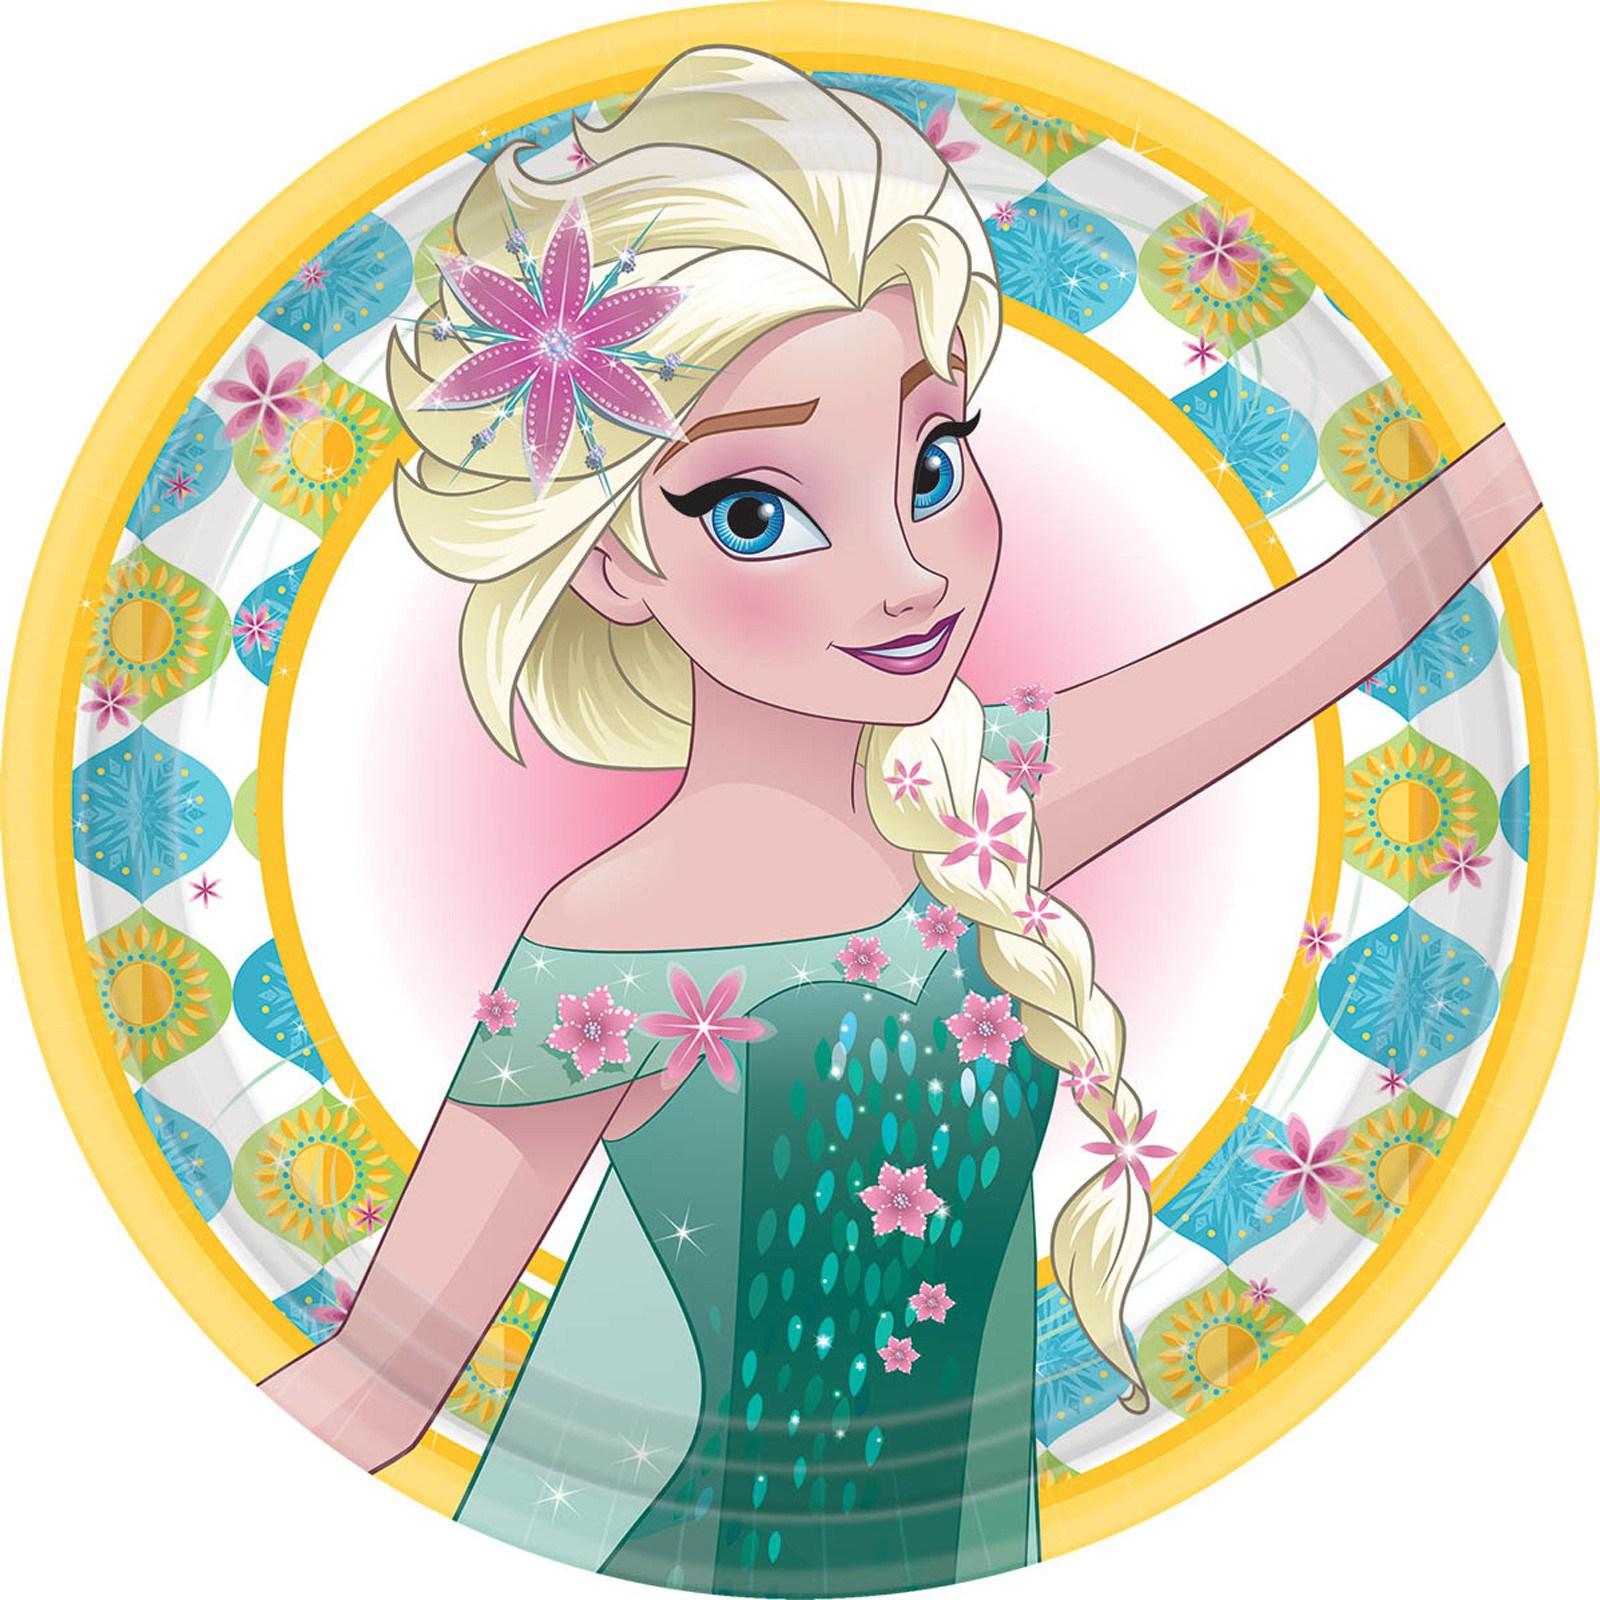 Elsa y Anna Frozen 2  Fiebre Congelada   Imgenes para Peques